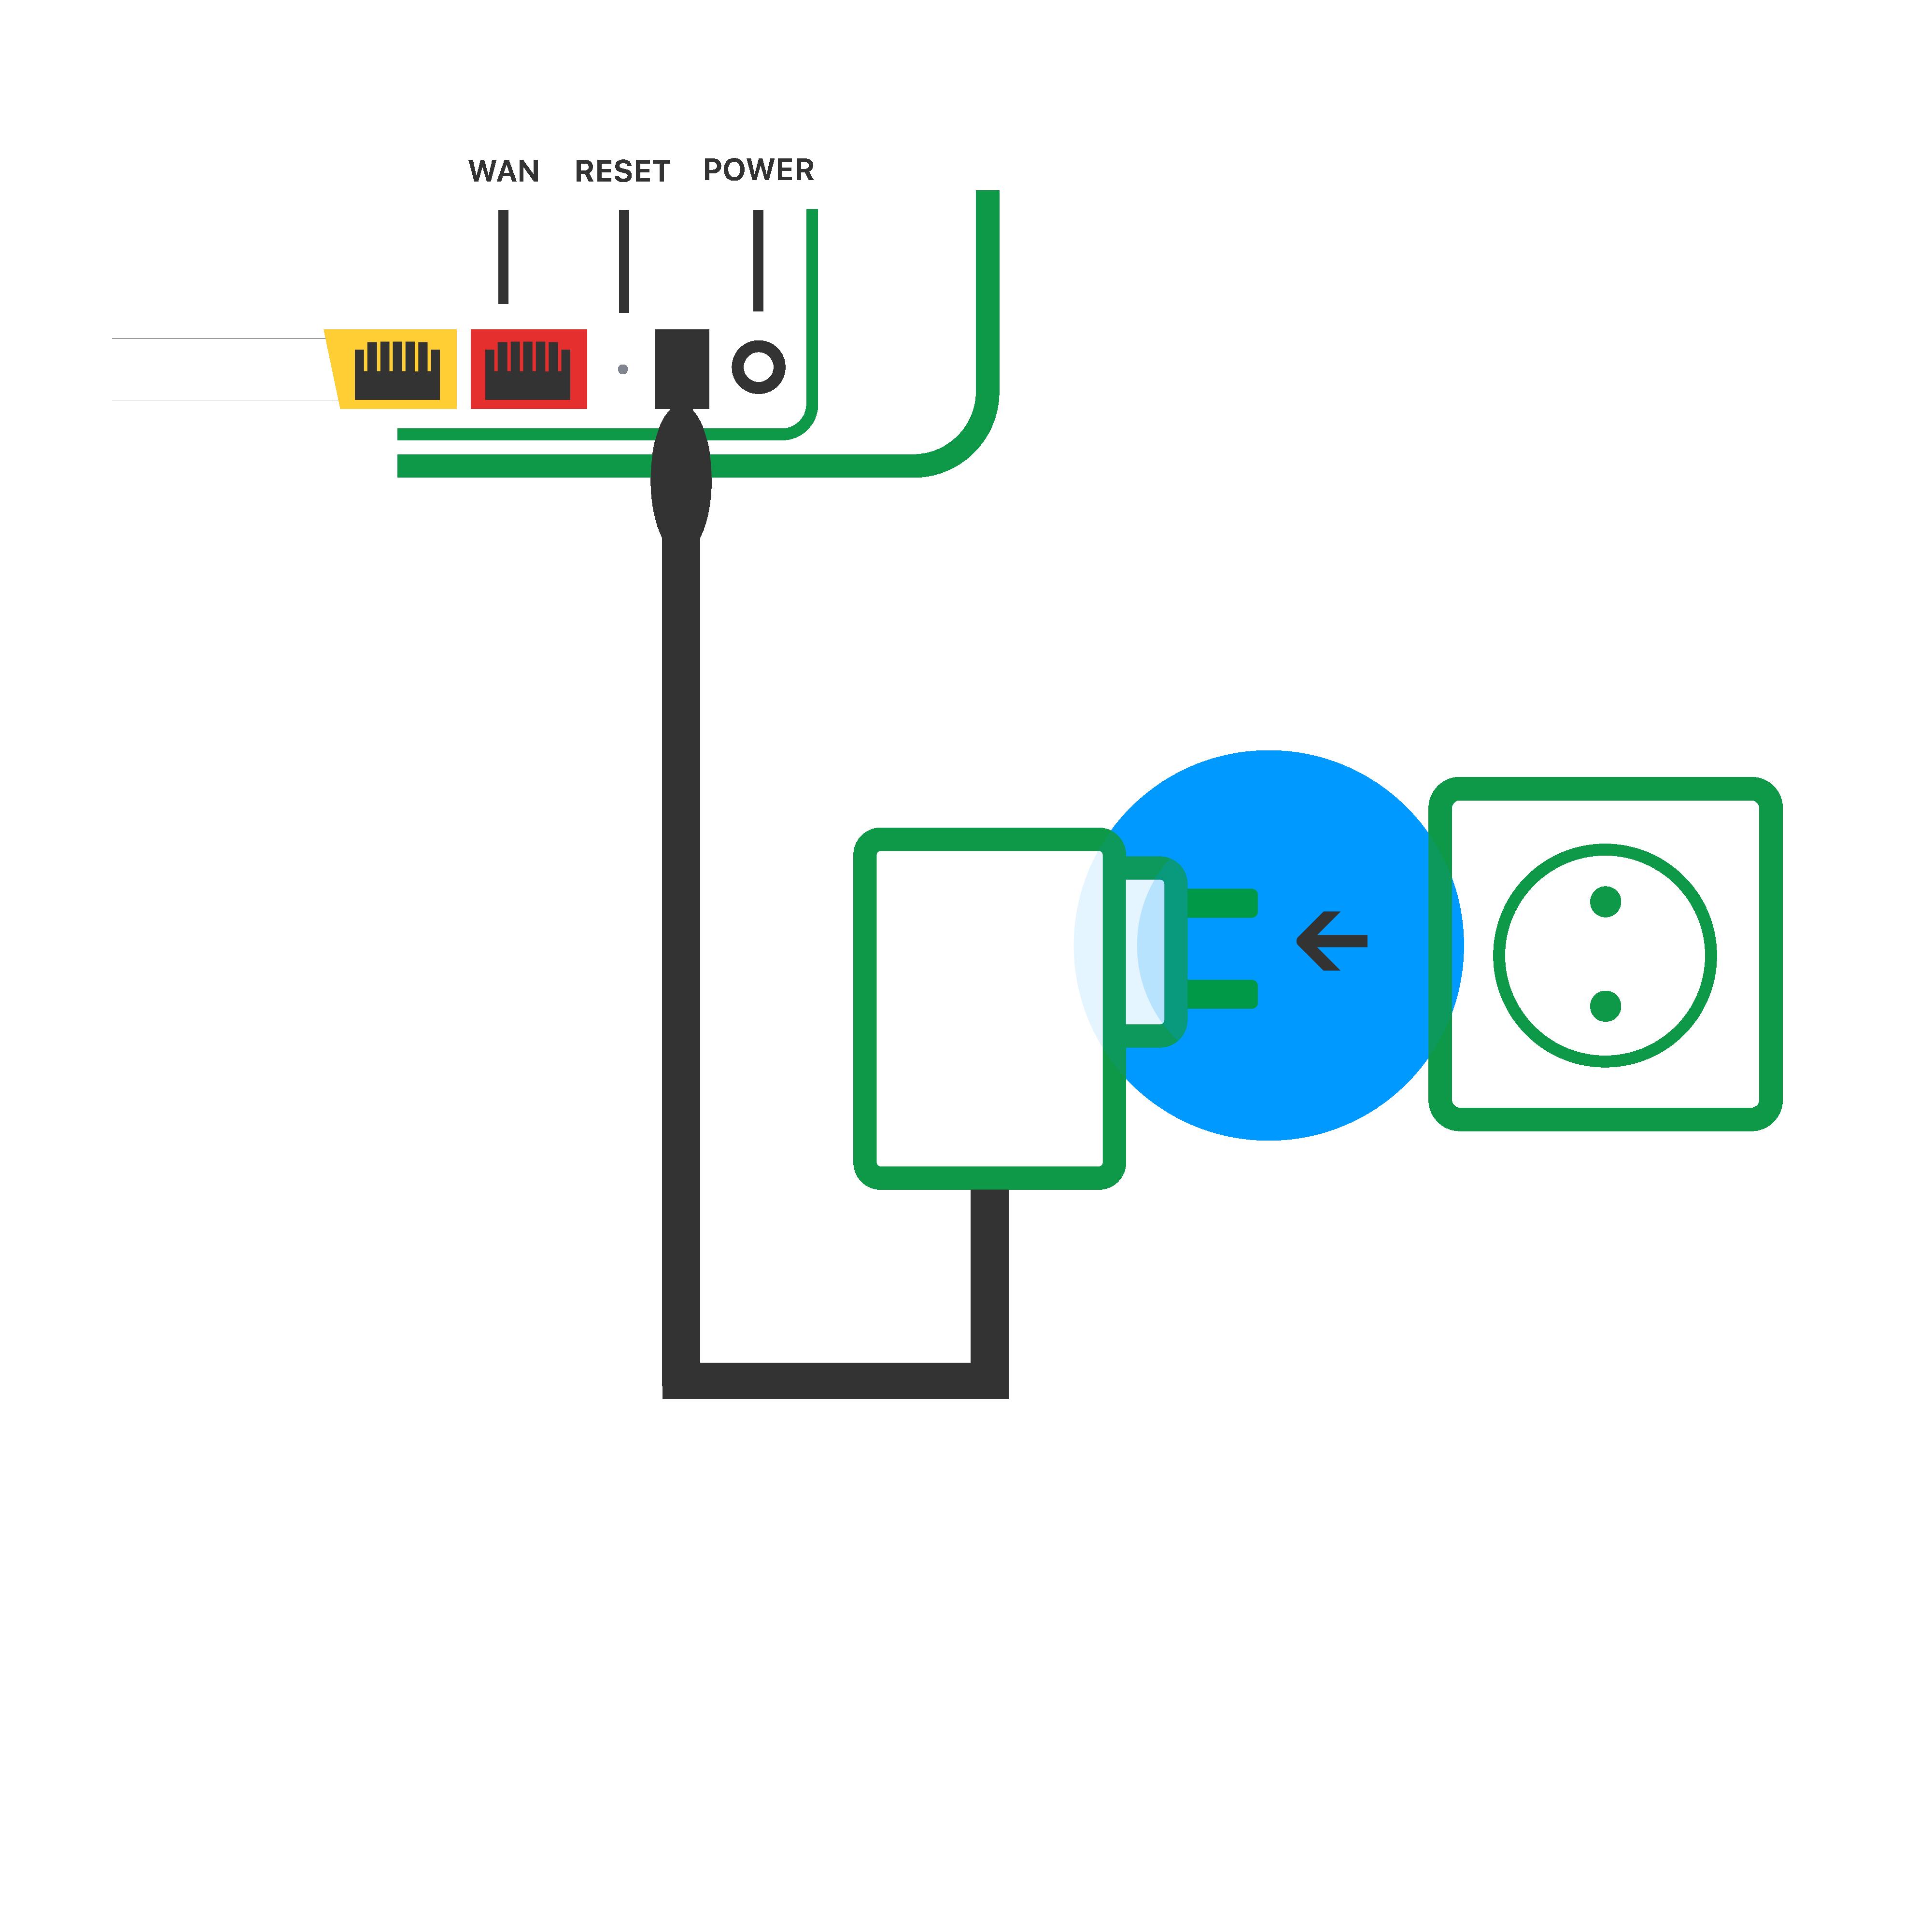 Haal de stekker van de Experia Box uit het stopcontact